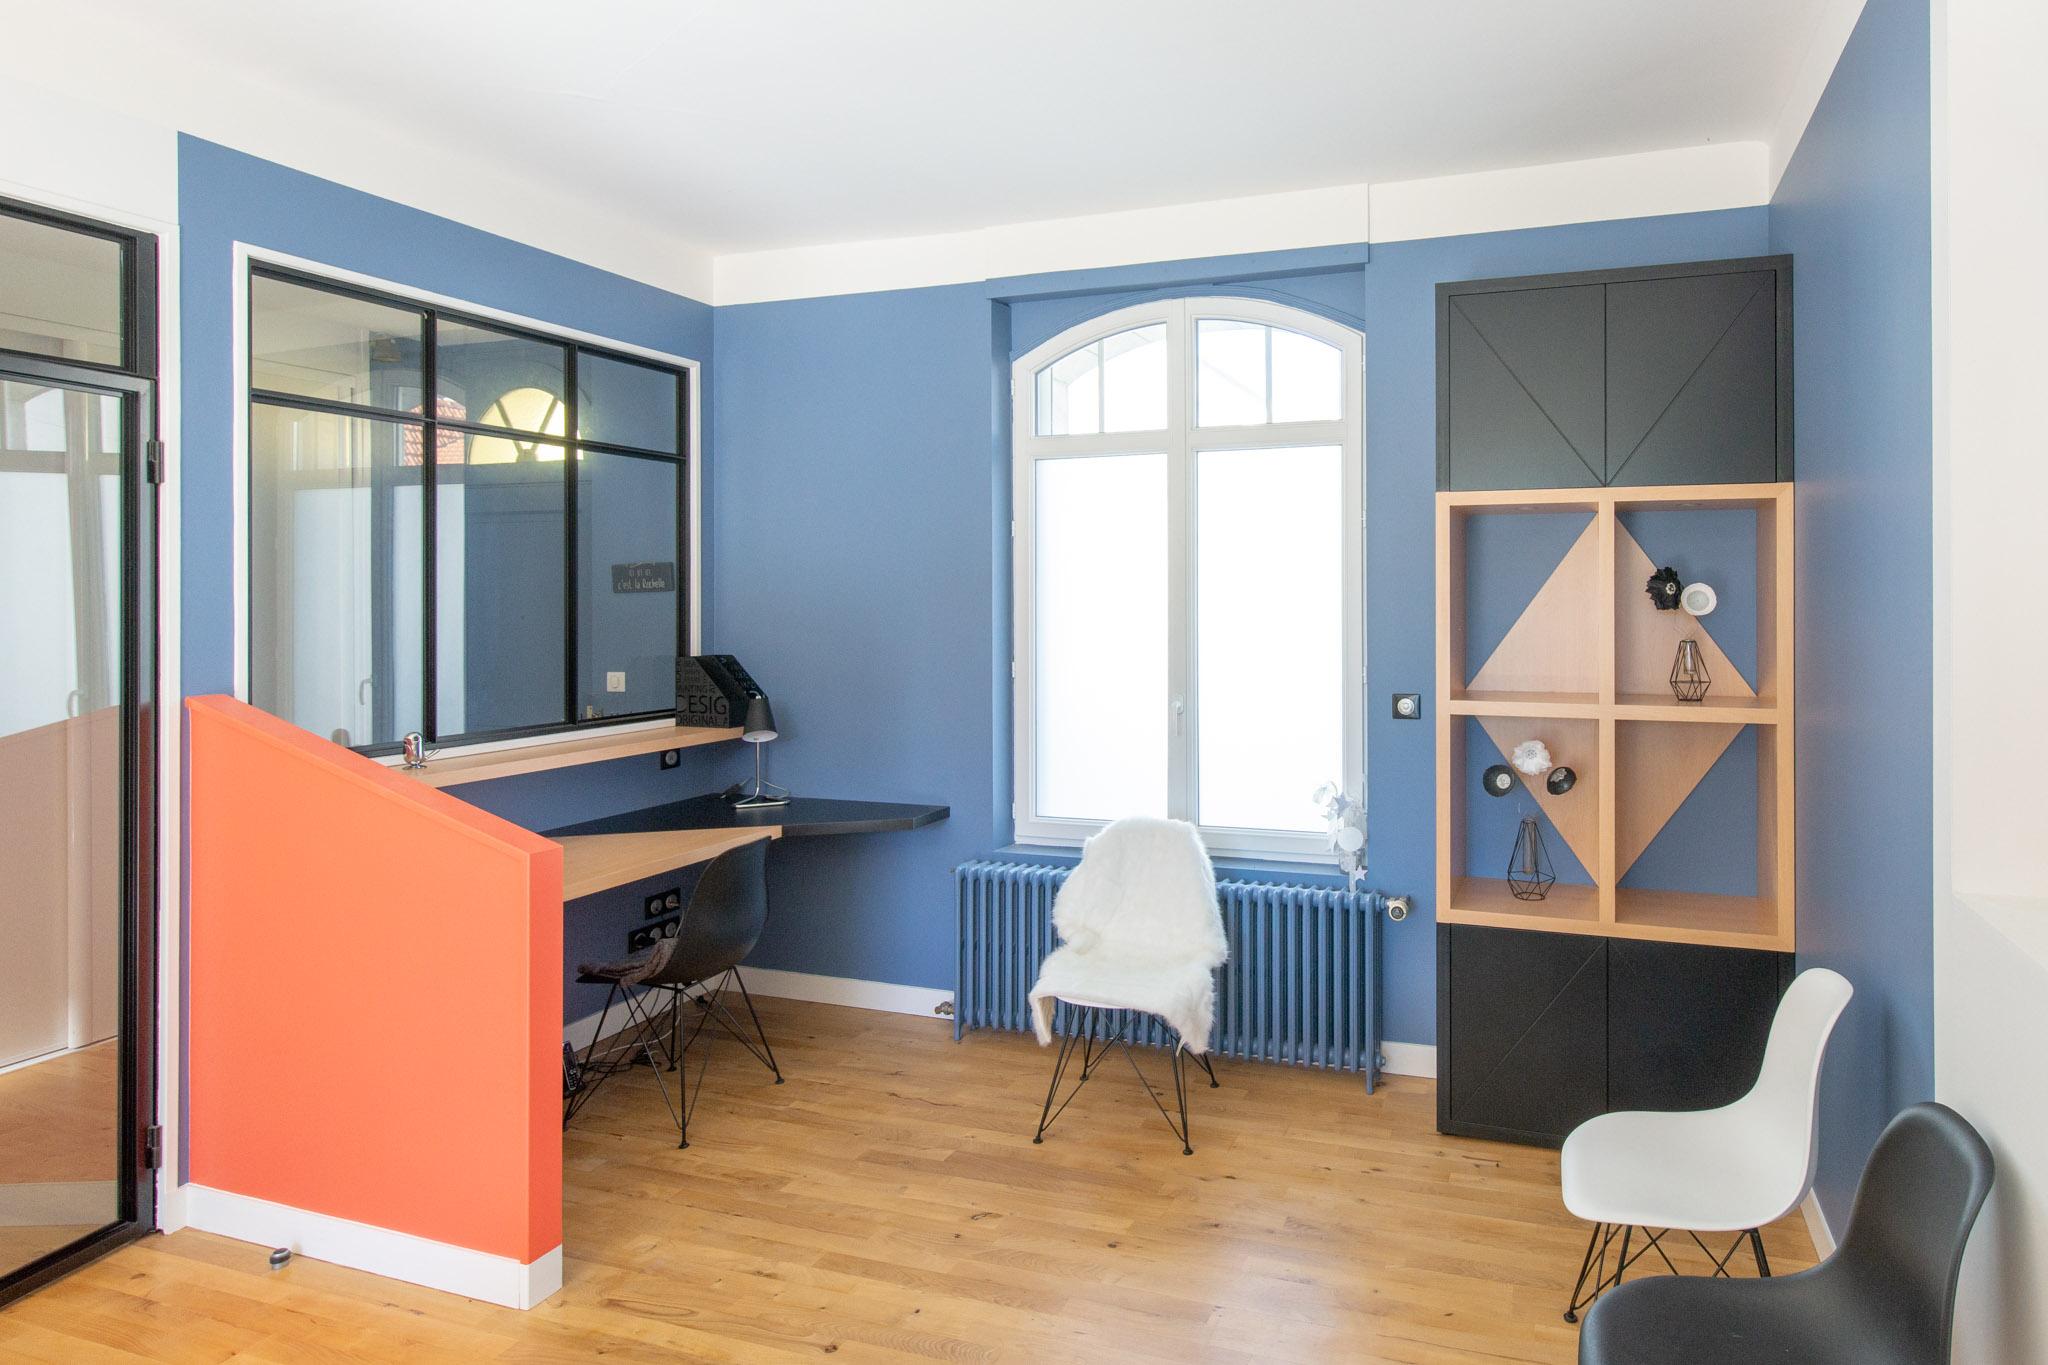 Renovation maison la rochelle bureau baie atelier alize chauvet architecte aliz chauvet - Cabinet medical la rochelle ...